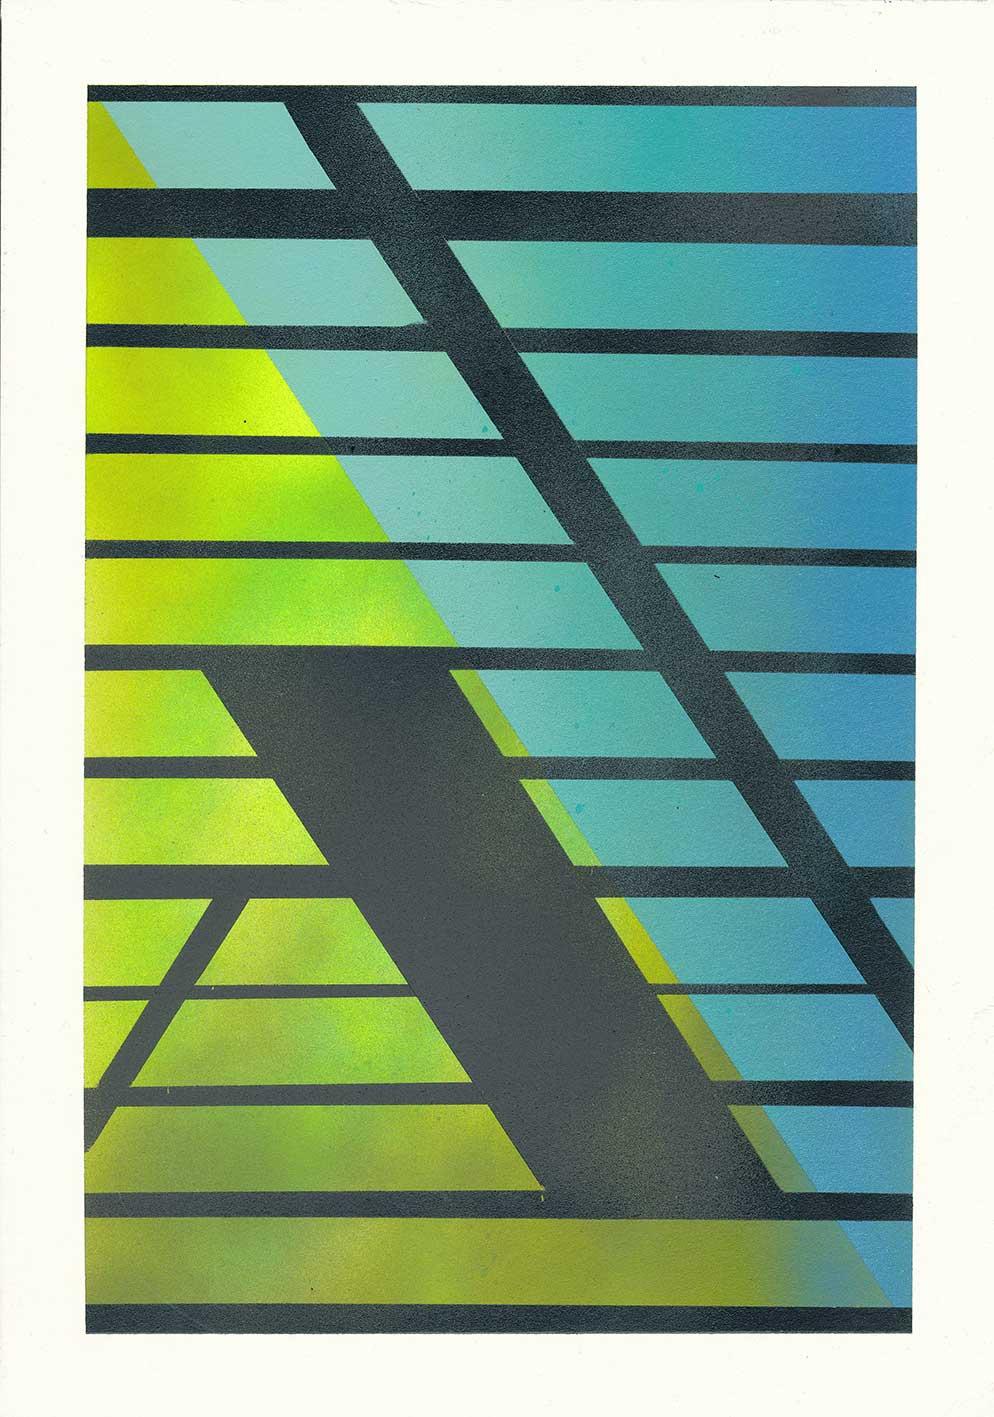 ohne Titel Acryl auf Papier 29,7 x 21 cm